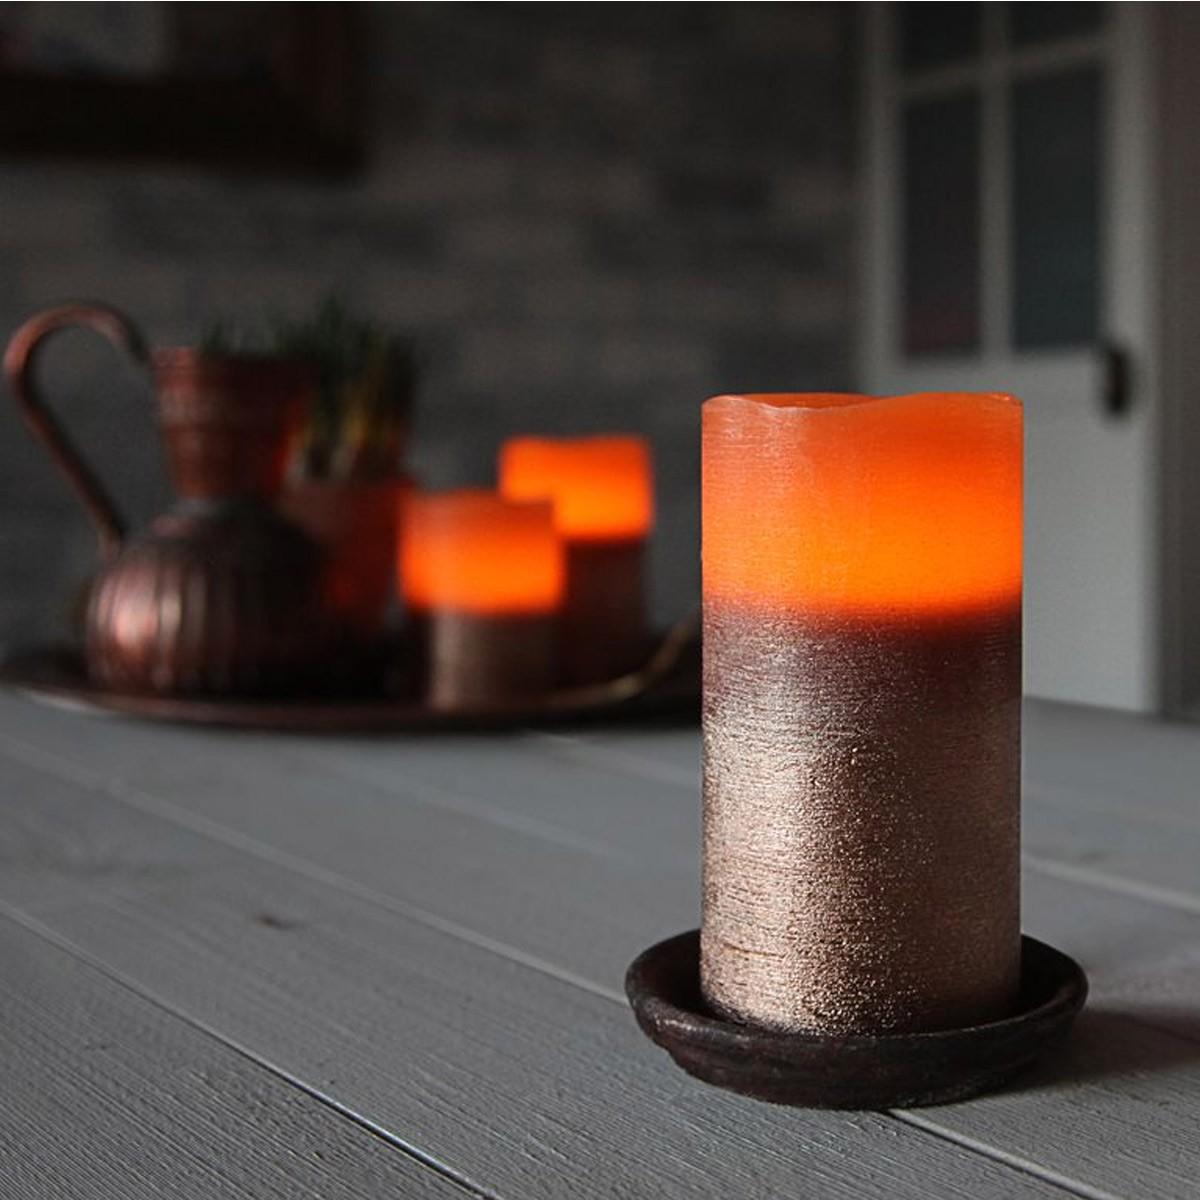 LED Kerze Cooper - Echtwachs - geschwungene Oberkante - flackernd - Timer- H: 12,5cm, D: 7,5cm